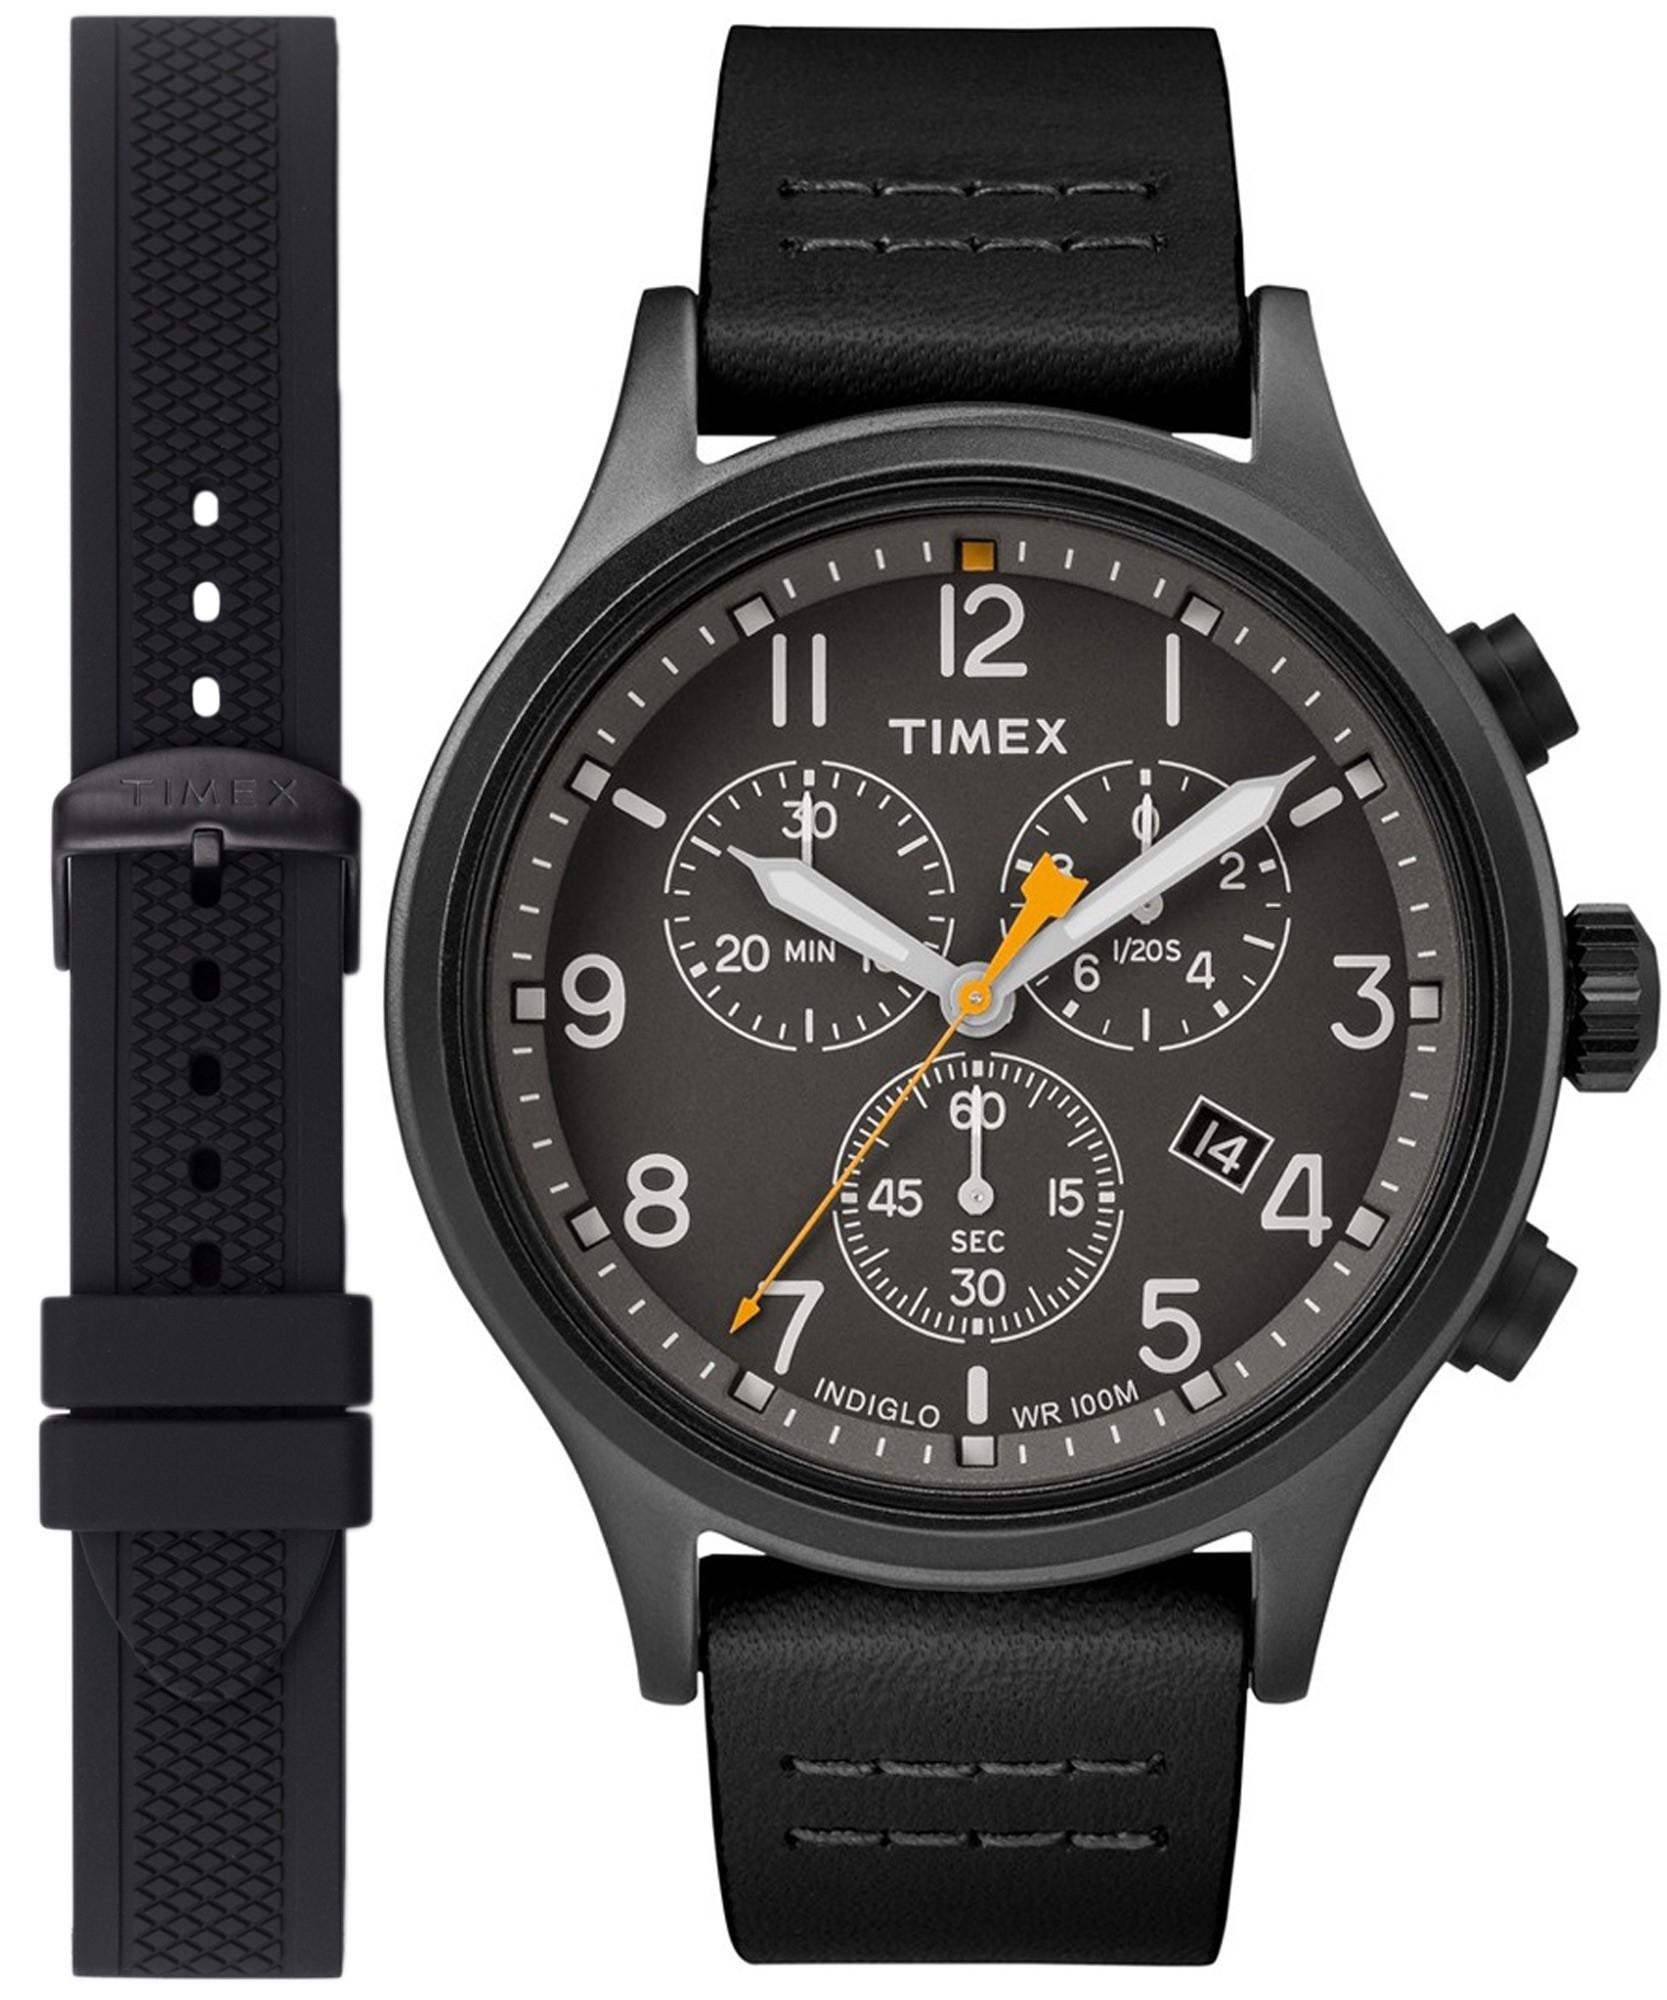 Zegarek męski TIMEX TW2R47500-1 (gratis dodatkowy pasek) @Zegarownia